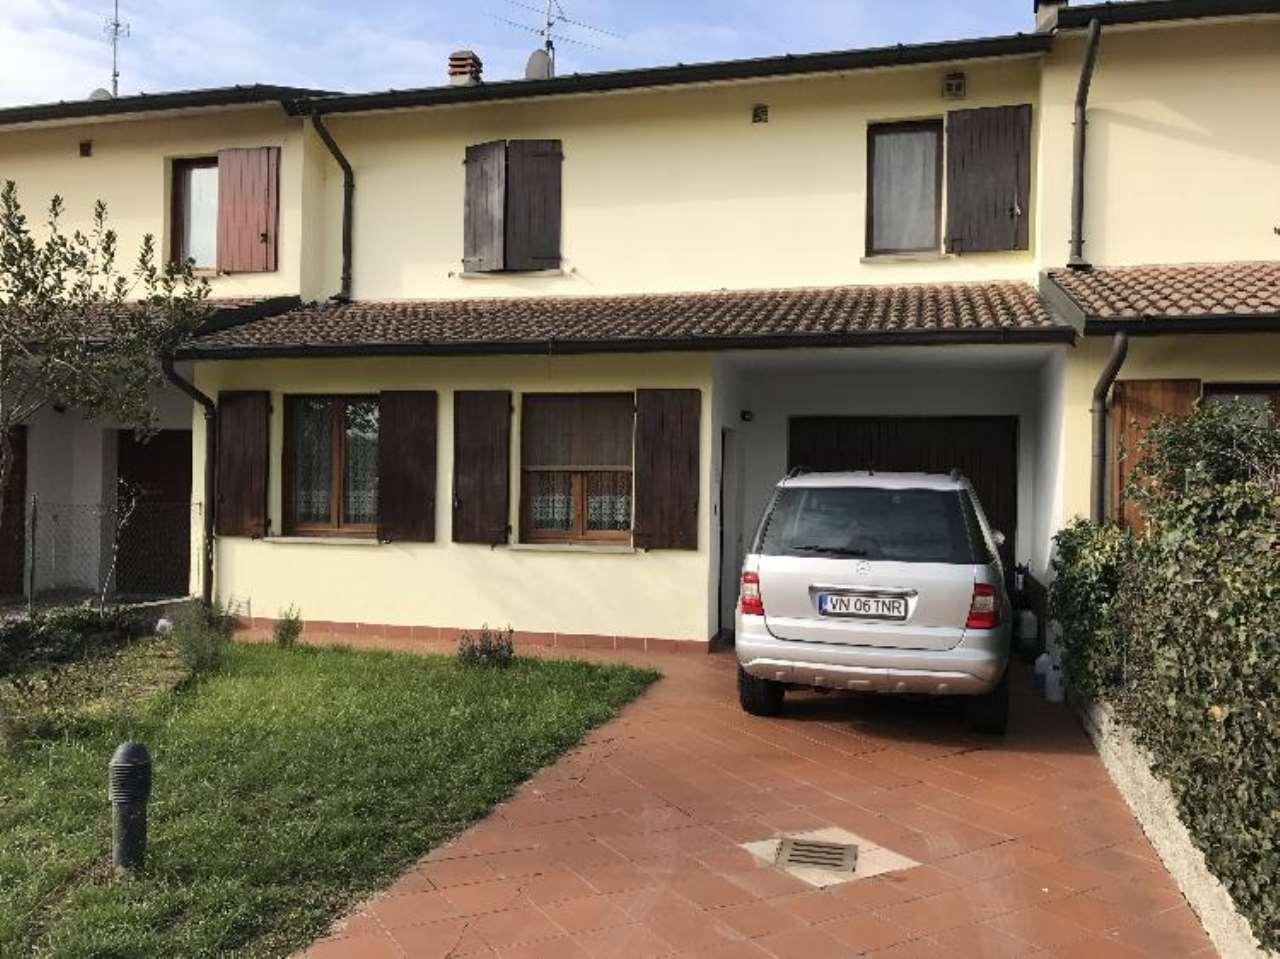 Villa a Schiera in vendita a Gadesco-Pieve Delmona, 4 locali, prezzo € 175.000 | Cambio Casa.it